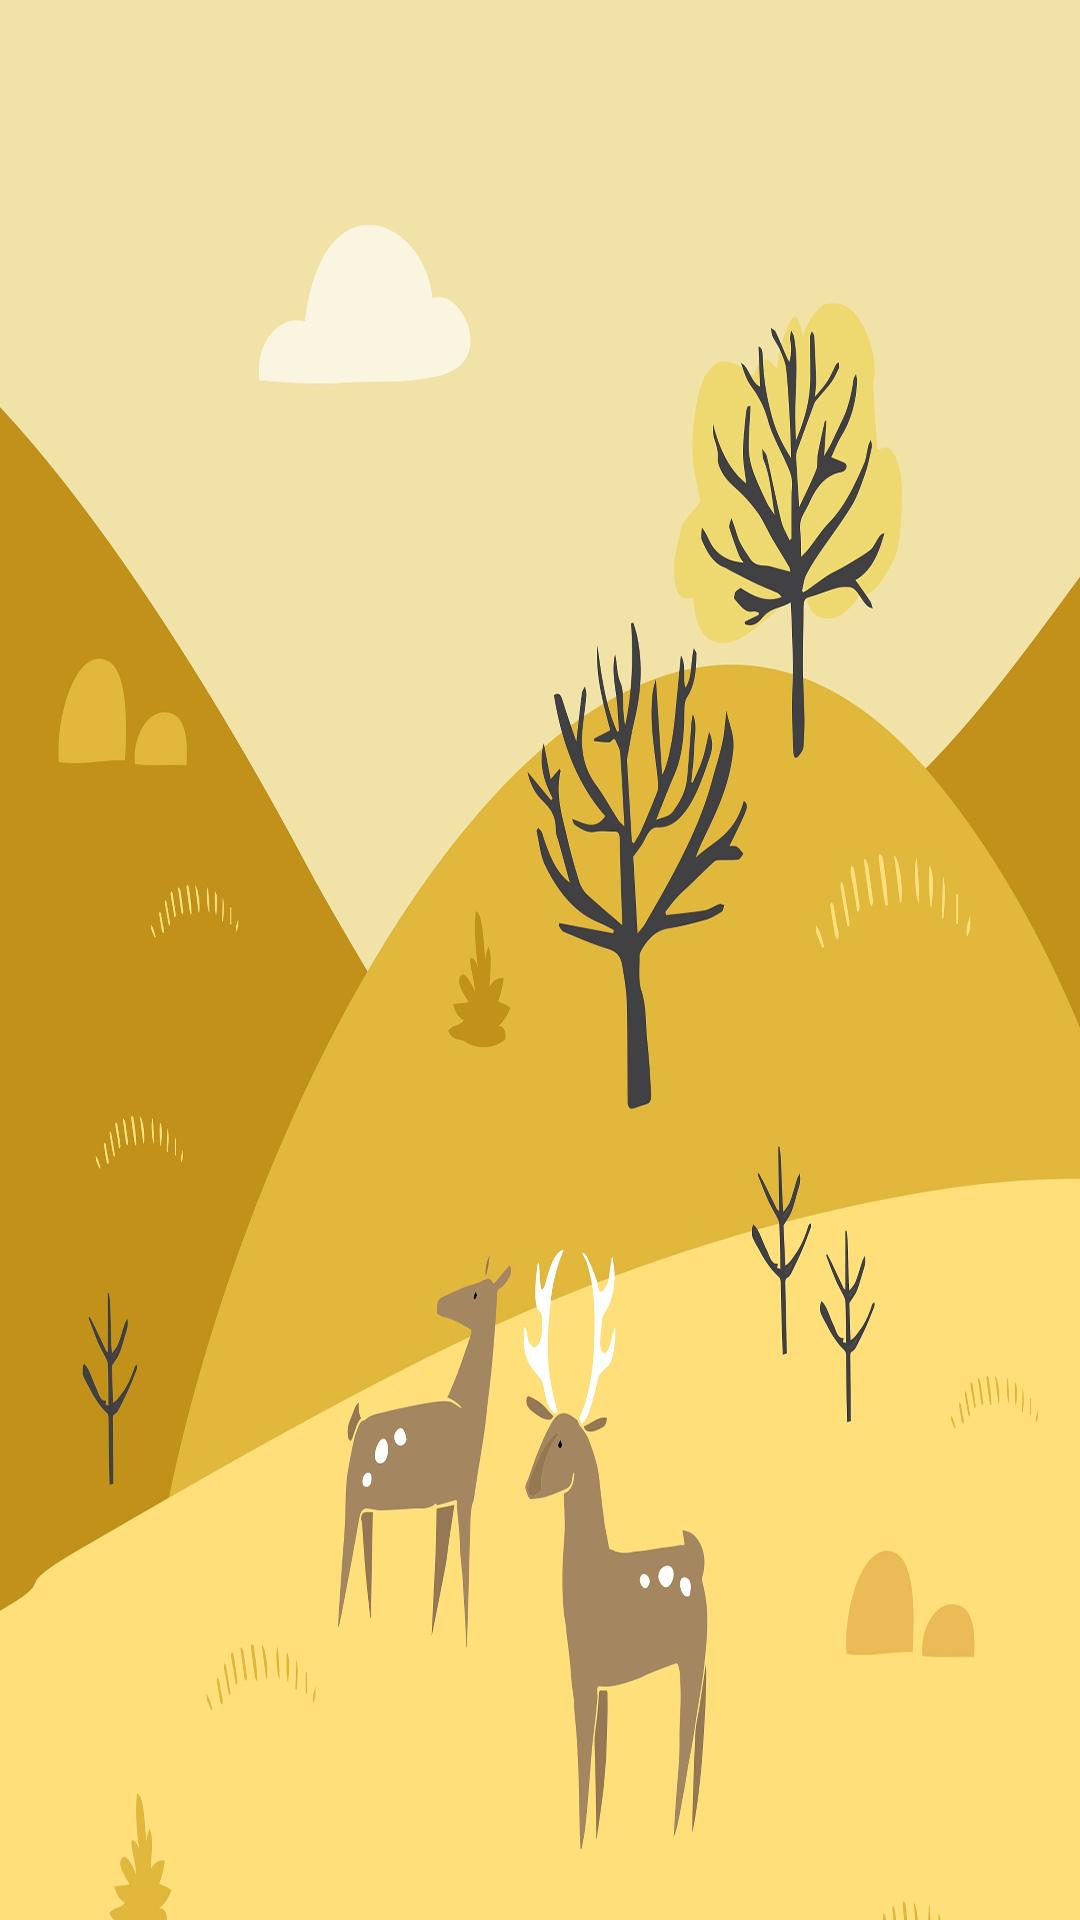 手绘 麋鹿 黄